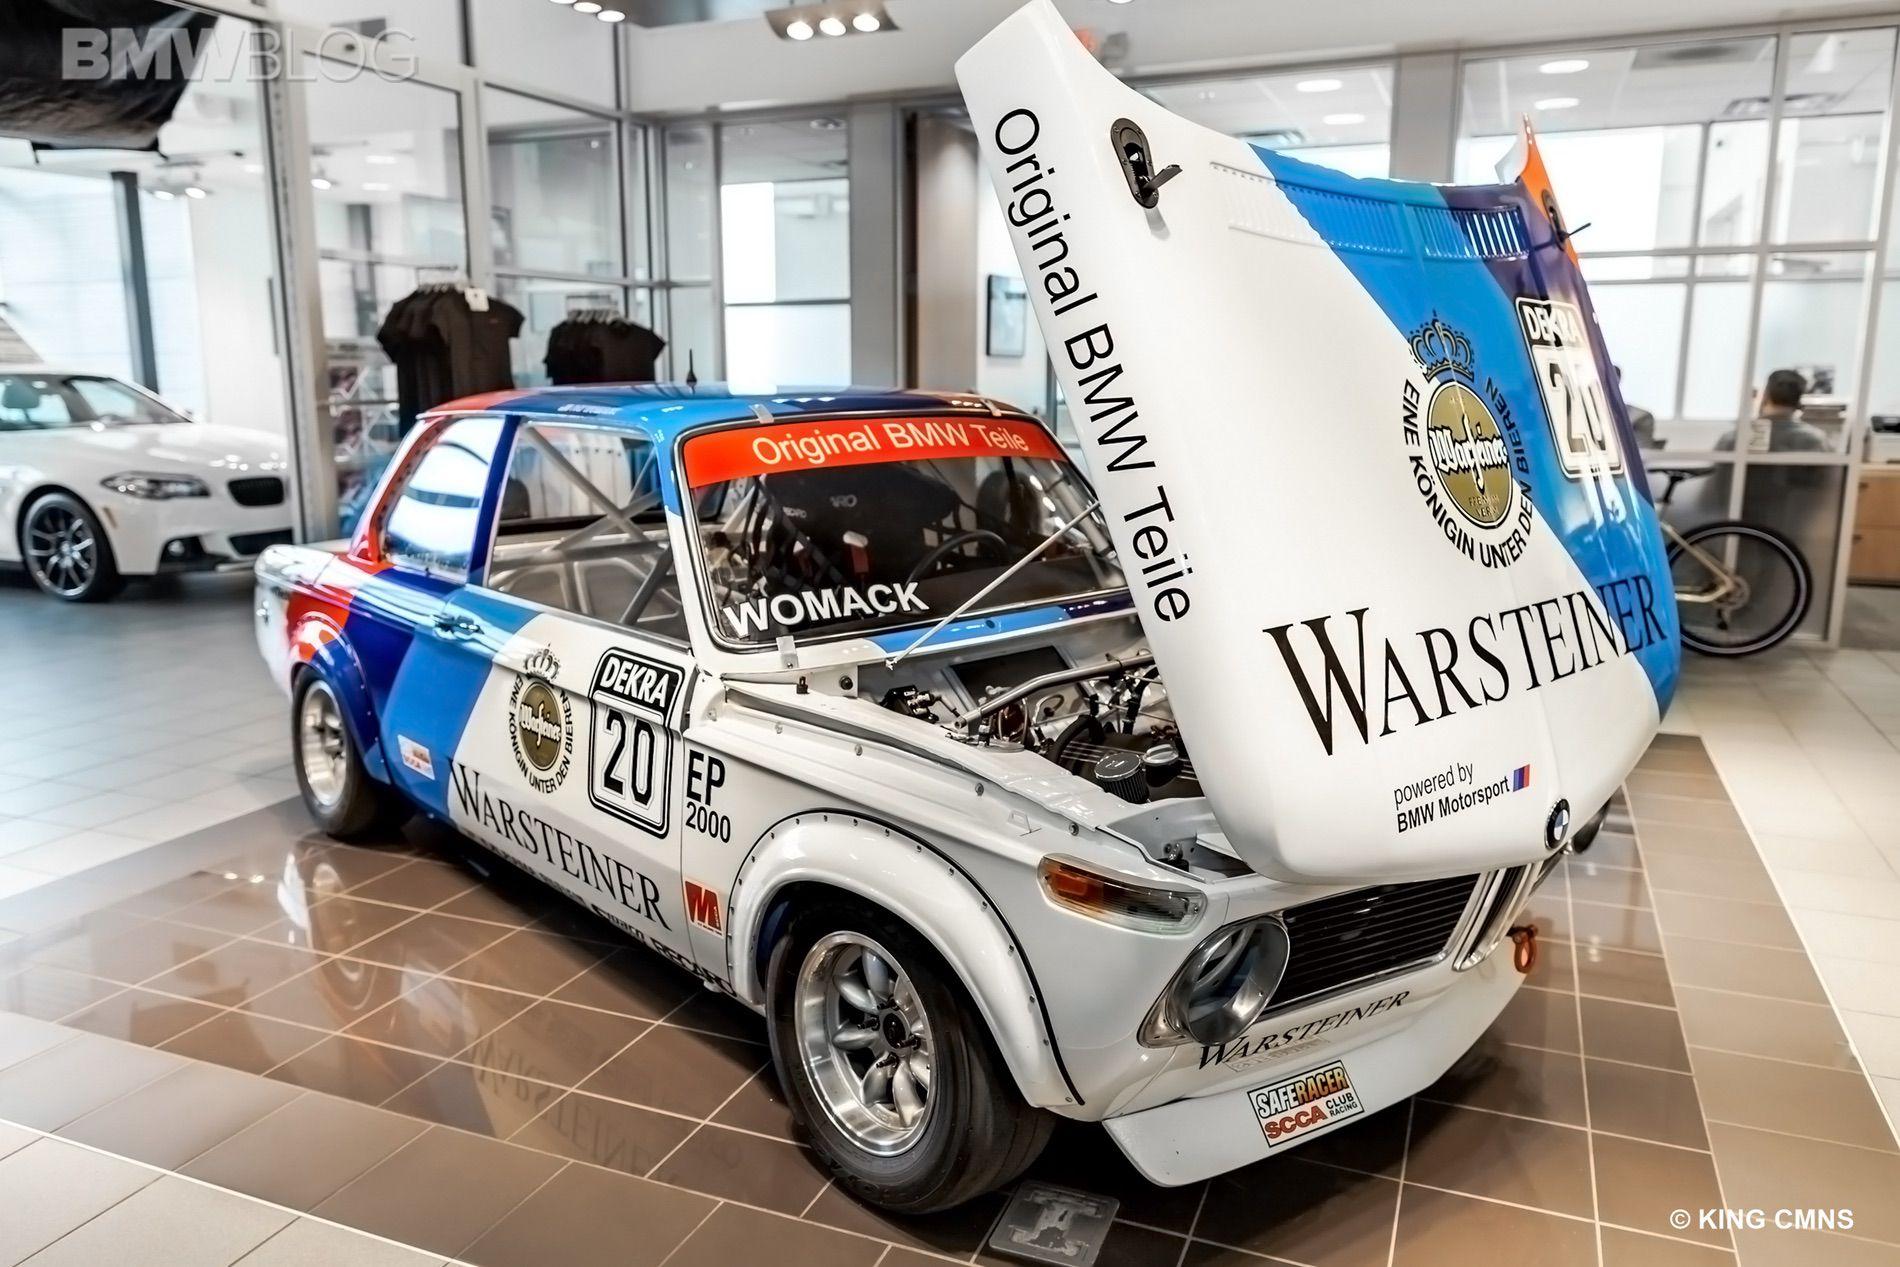 PATS VINTAGE BMW RACE CAR 37